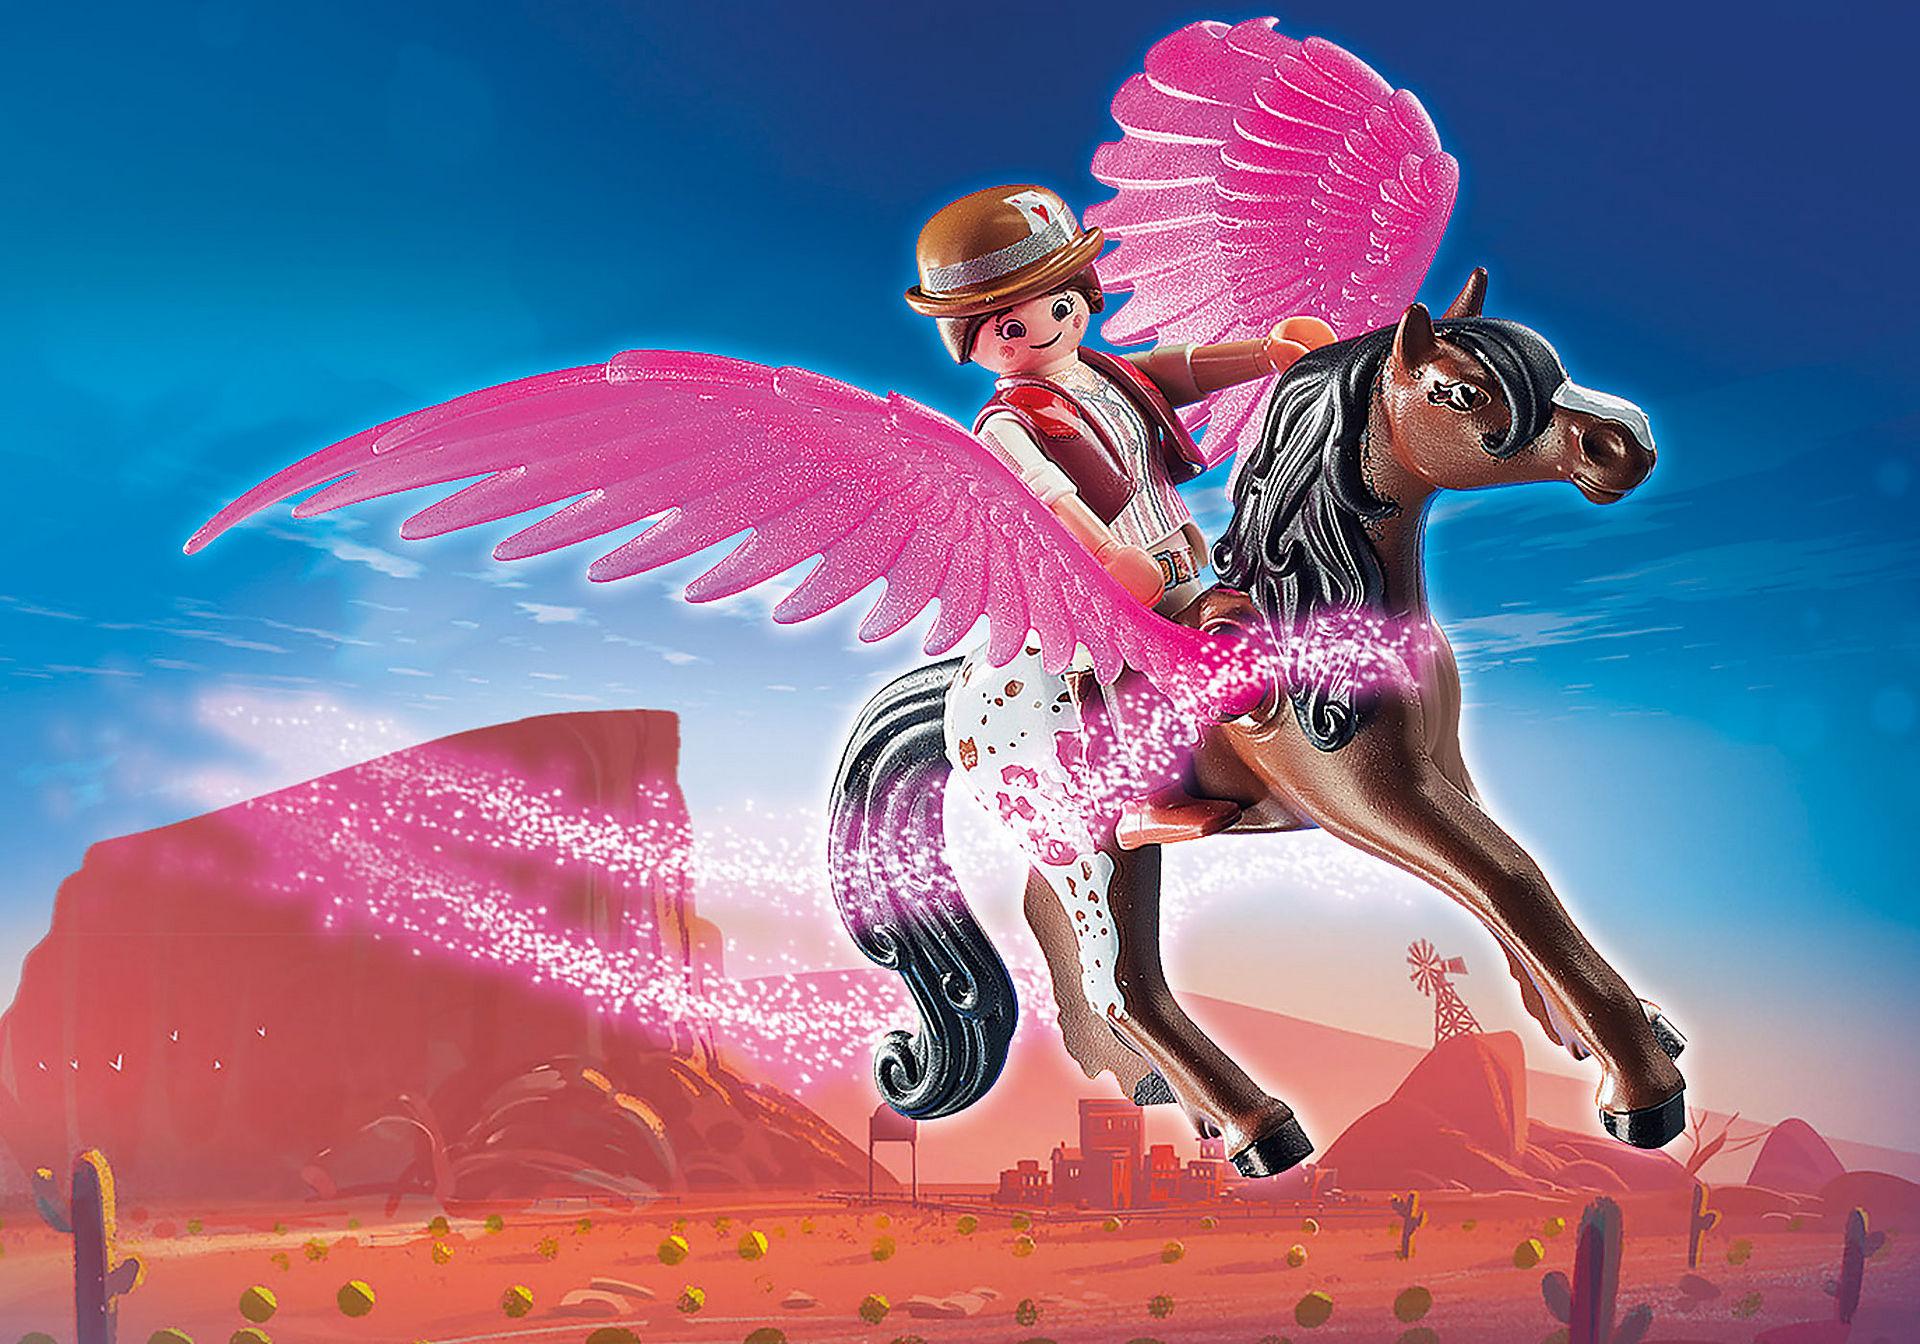 70074 PLAYMOBIL:THE MOVIE Marla, Del und Pferd mit Flügeln zoom image4